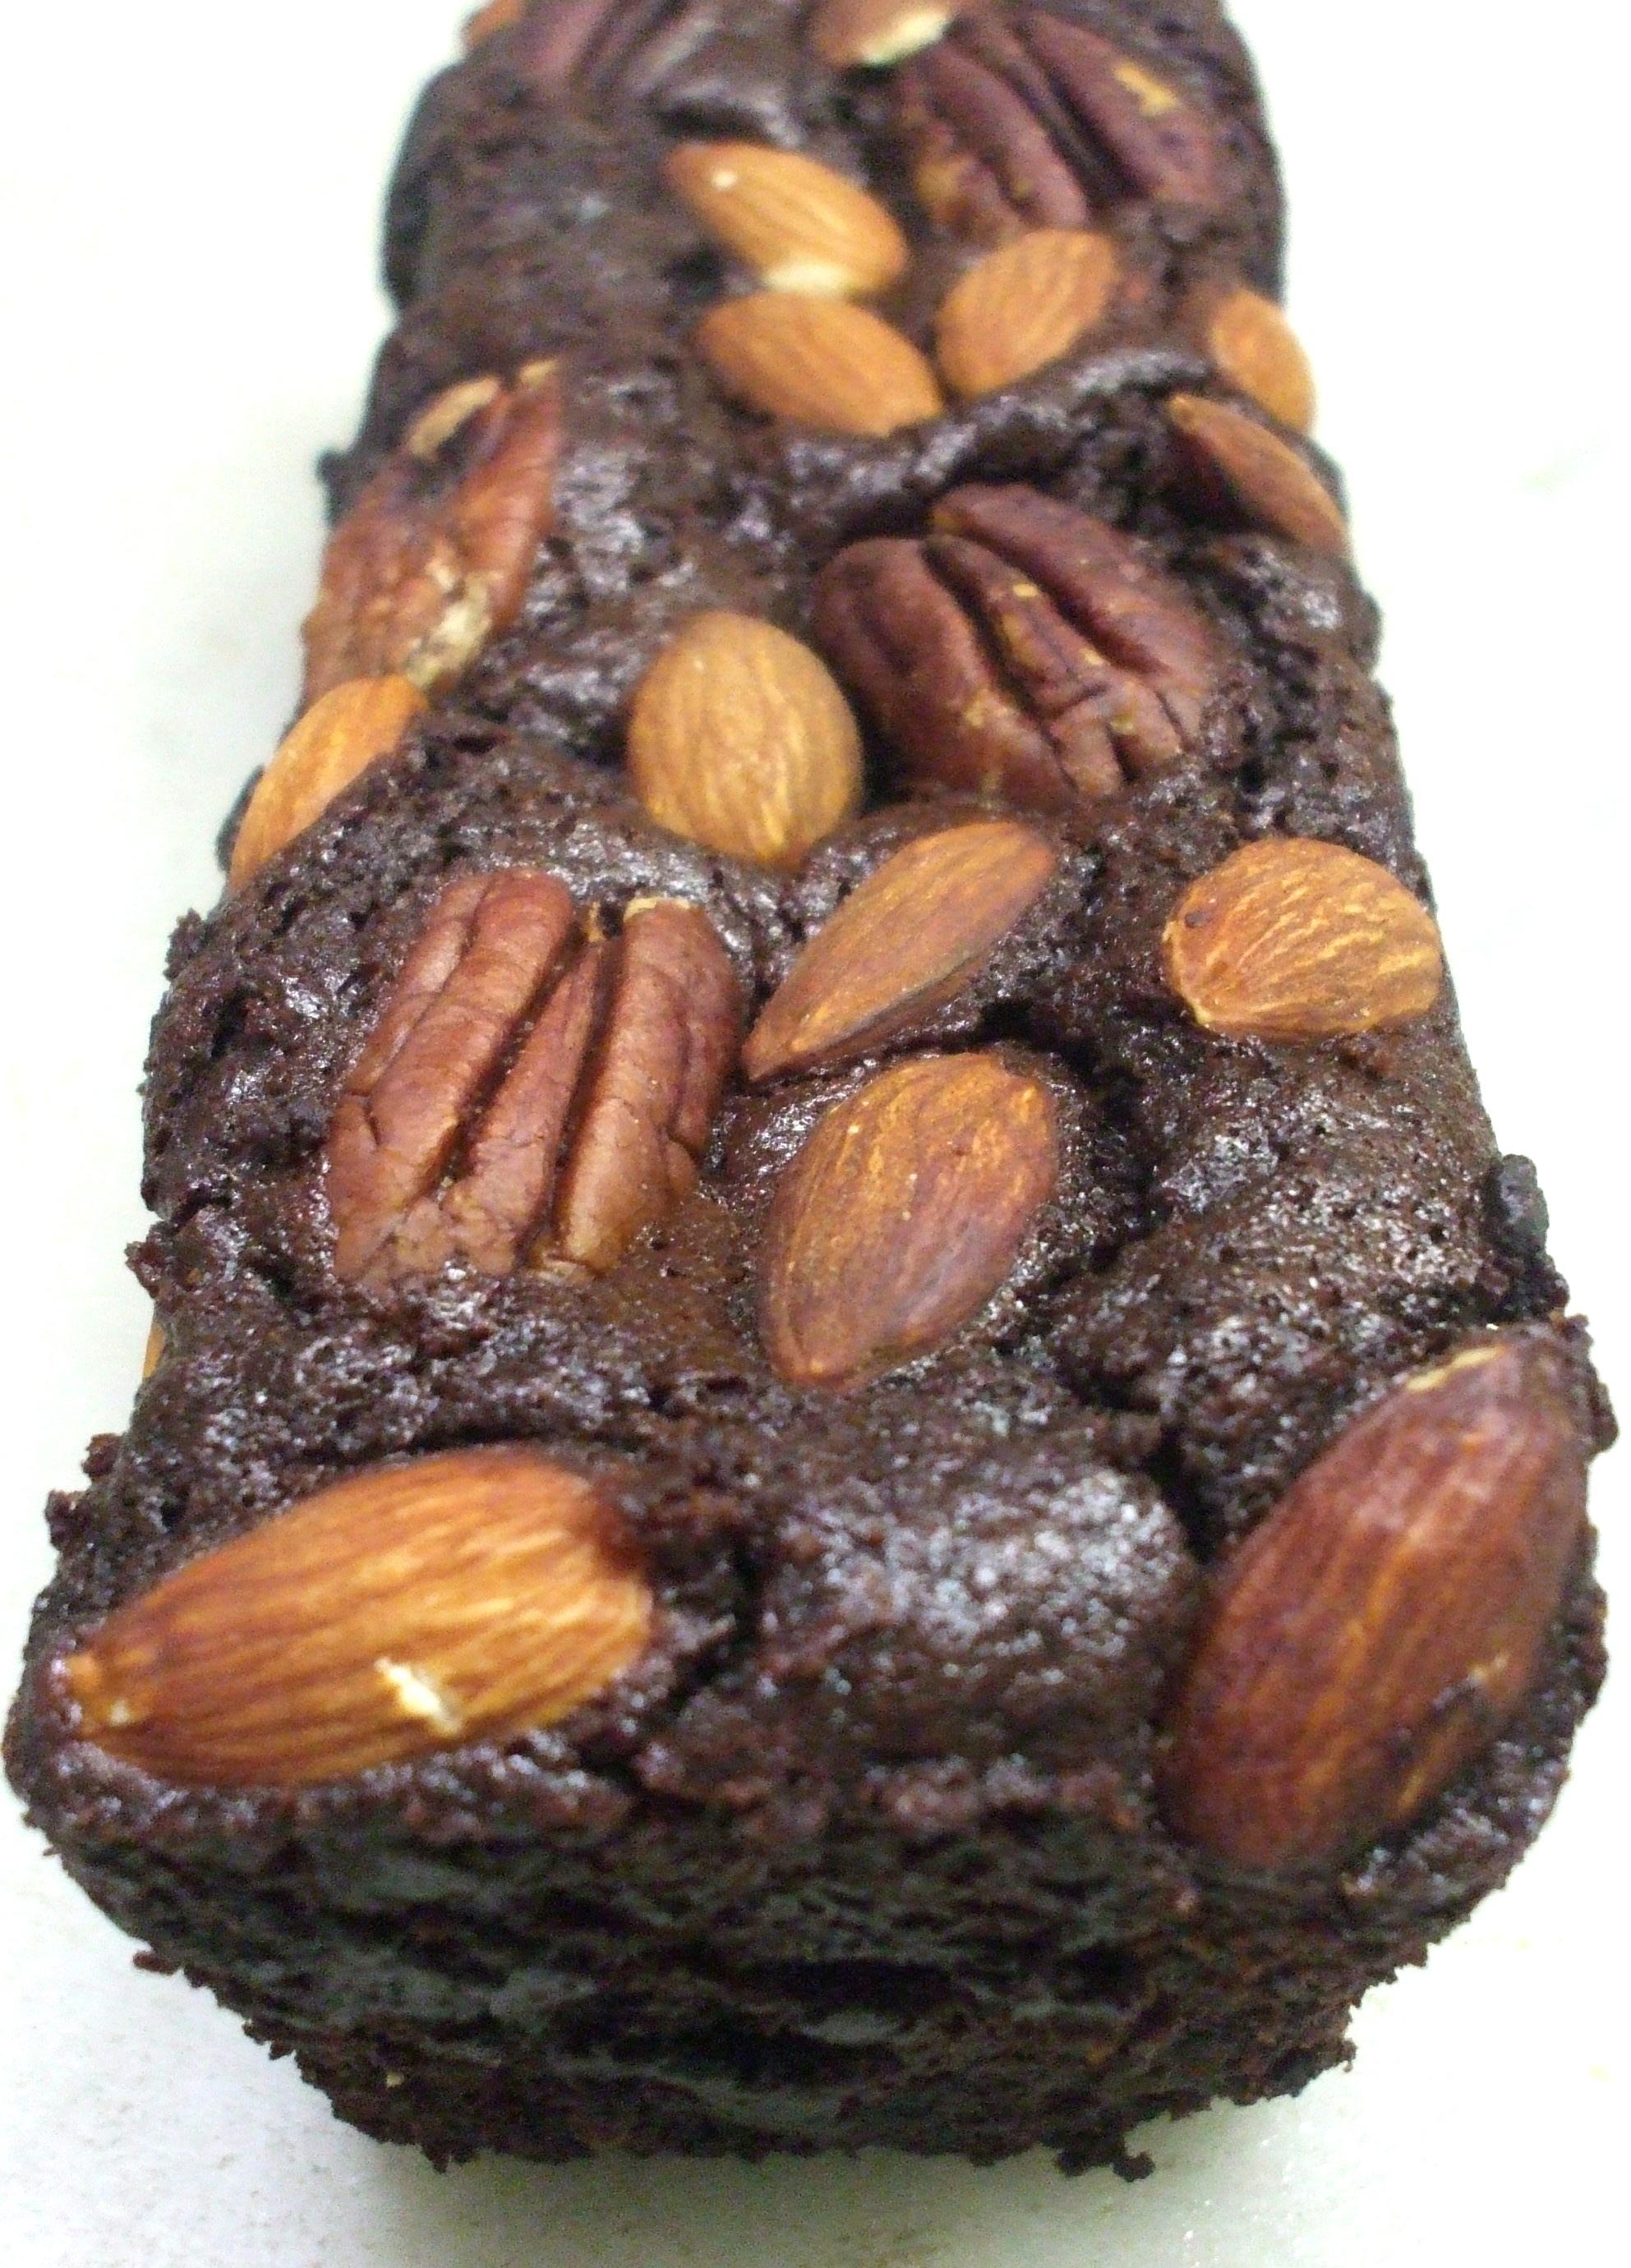 アレルギー 対応 ケーキ チョコレートブラウニー